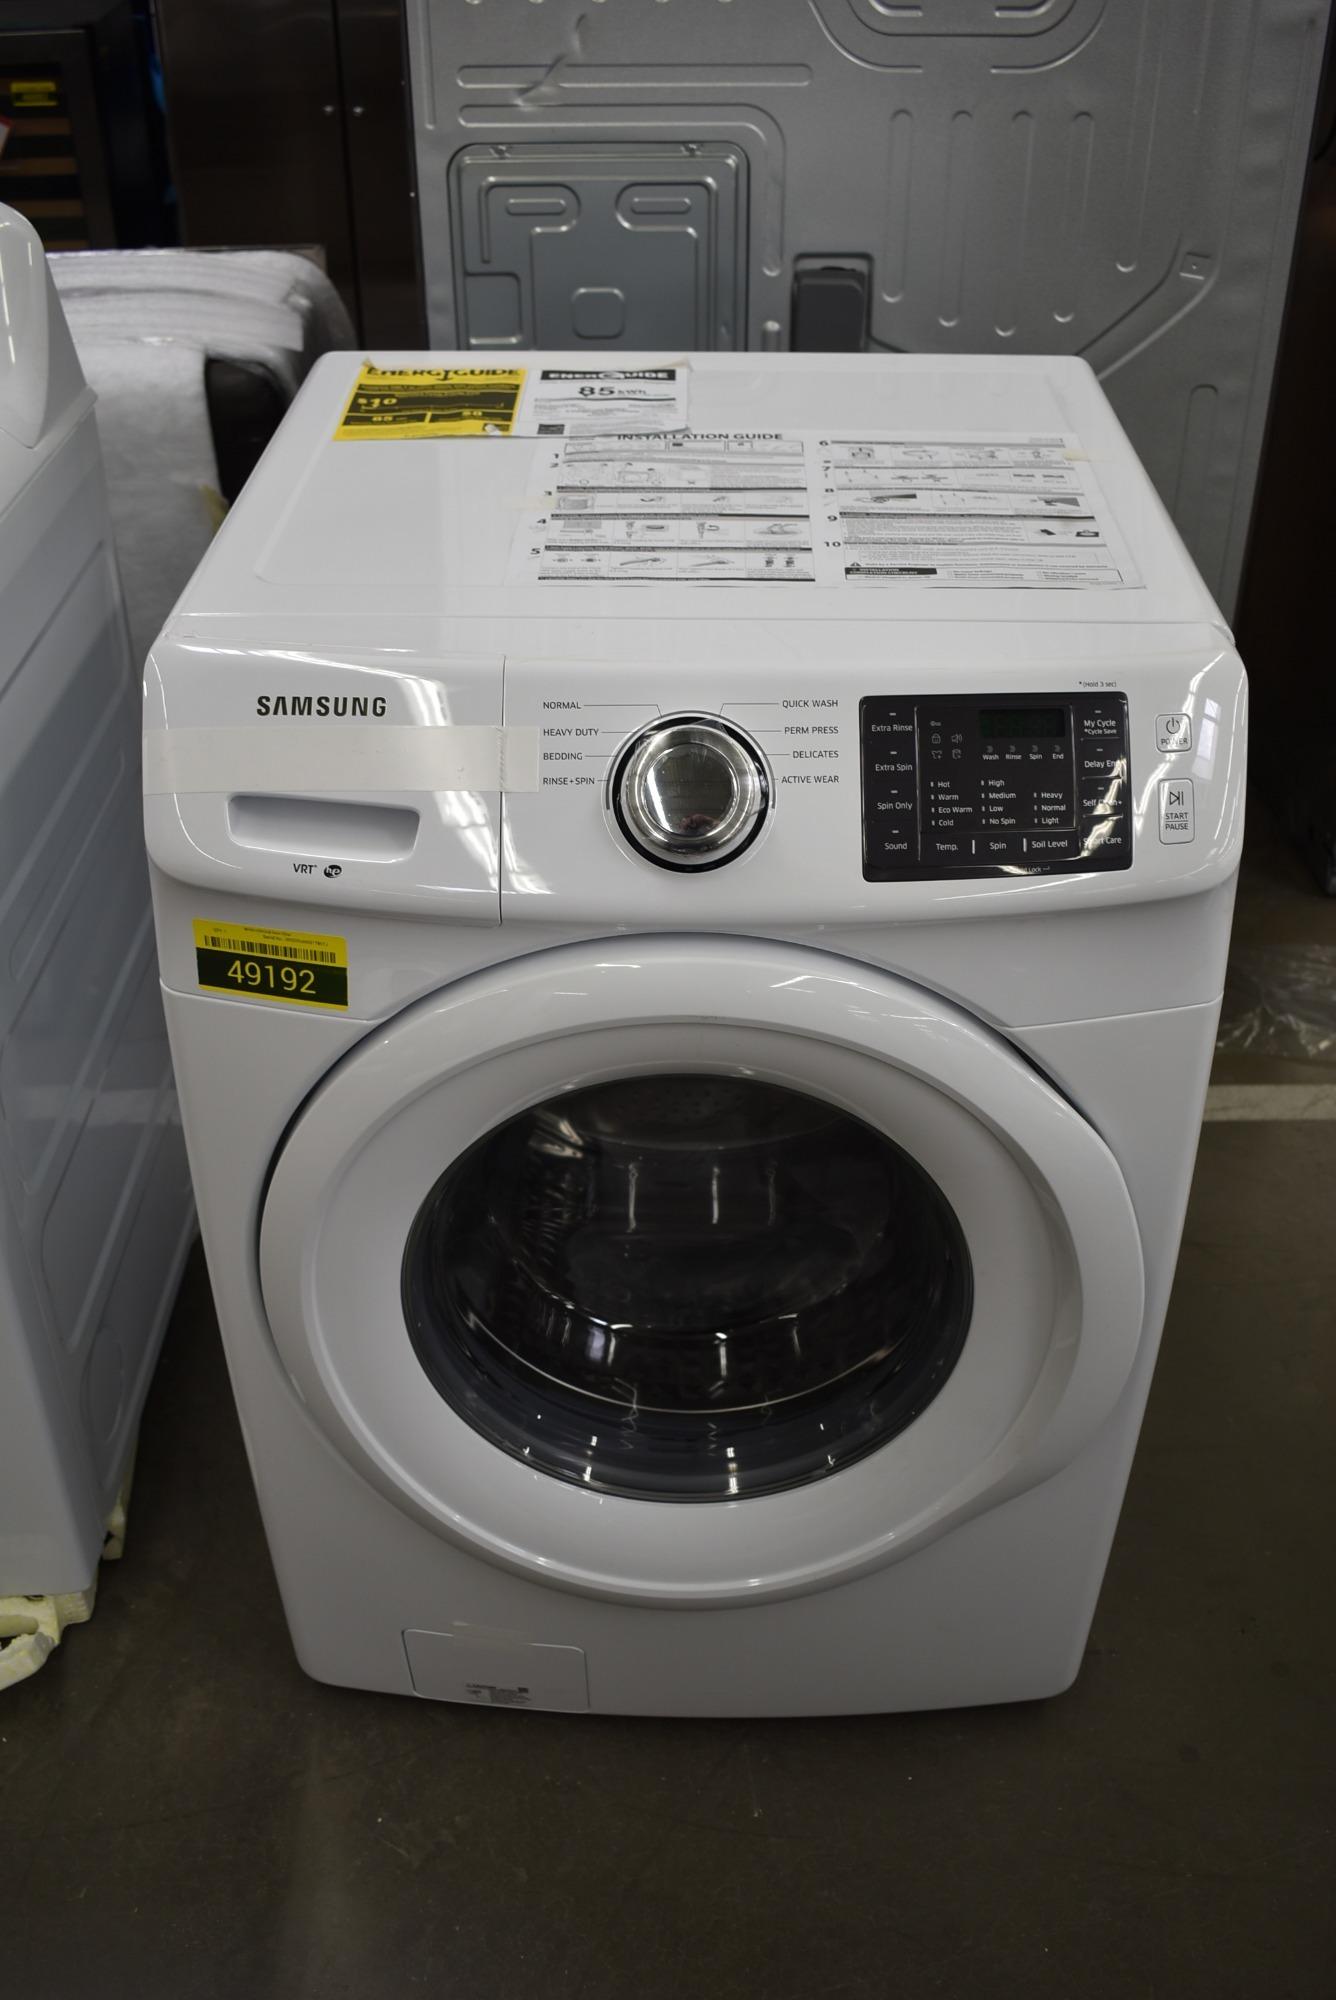 Samsung WF42H5000AW 27